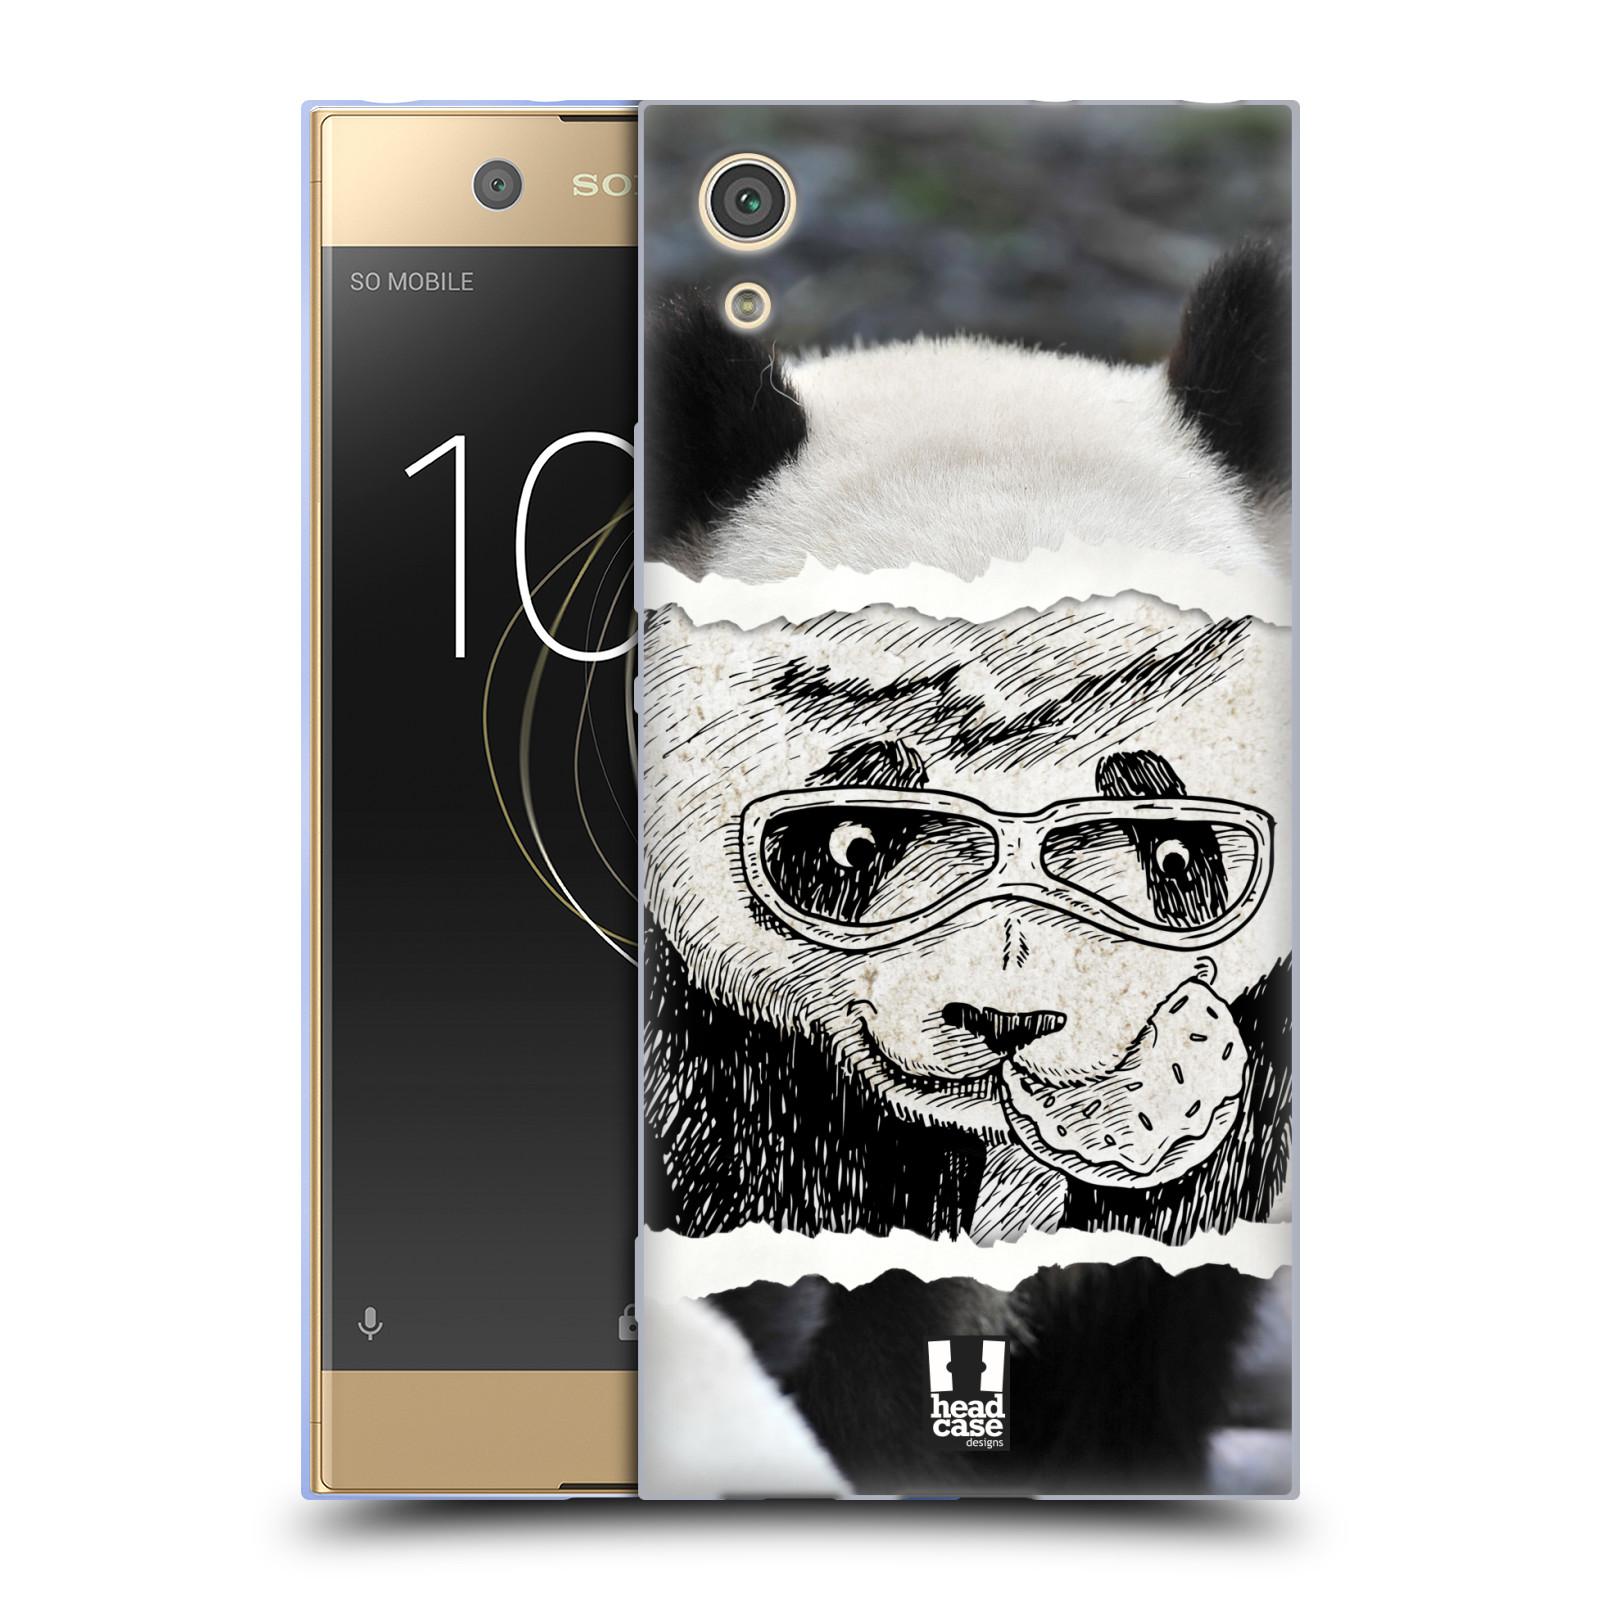 HEAD CASE silikonový obal na mobil Sony Xperia XA1 / XA1 DUAL SIM vzor zvířata koláž roztomilá panda